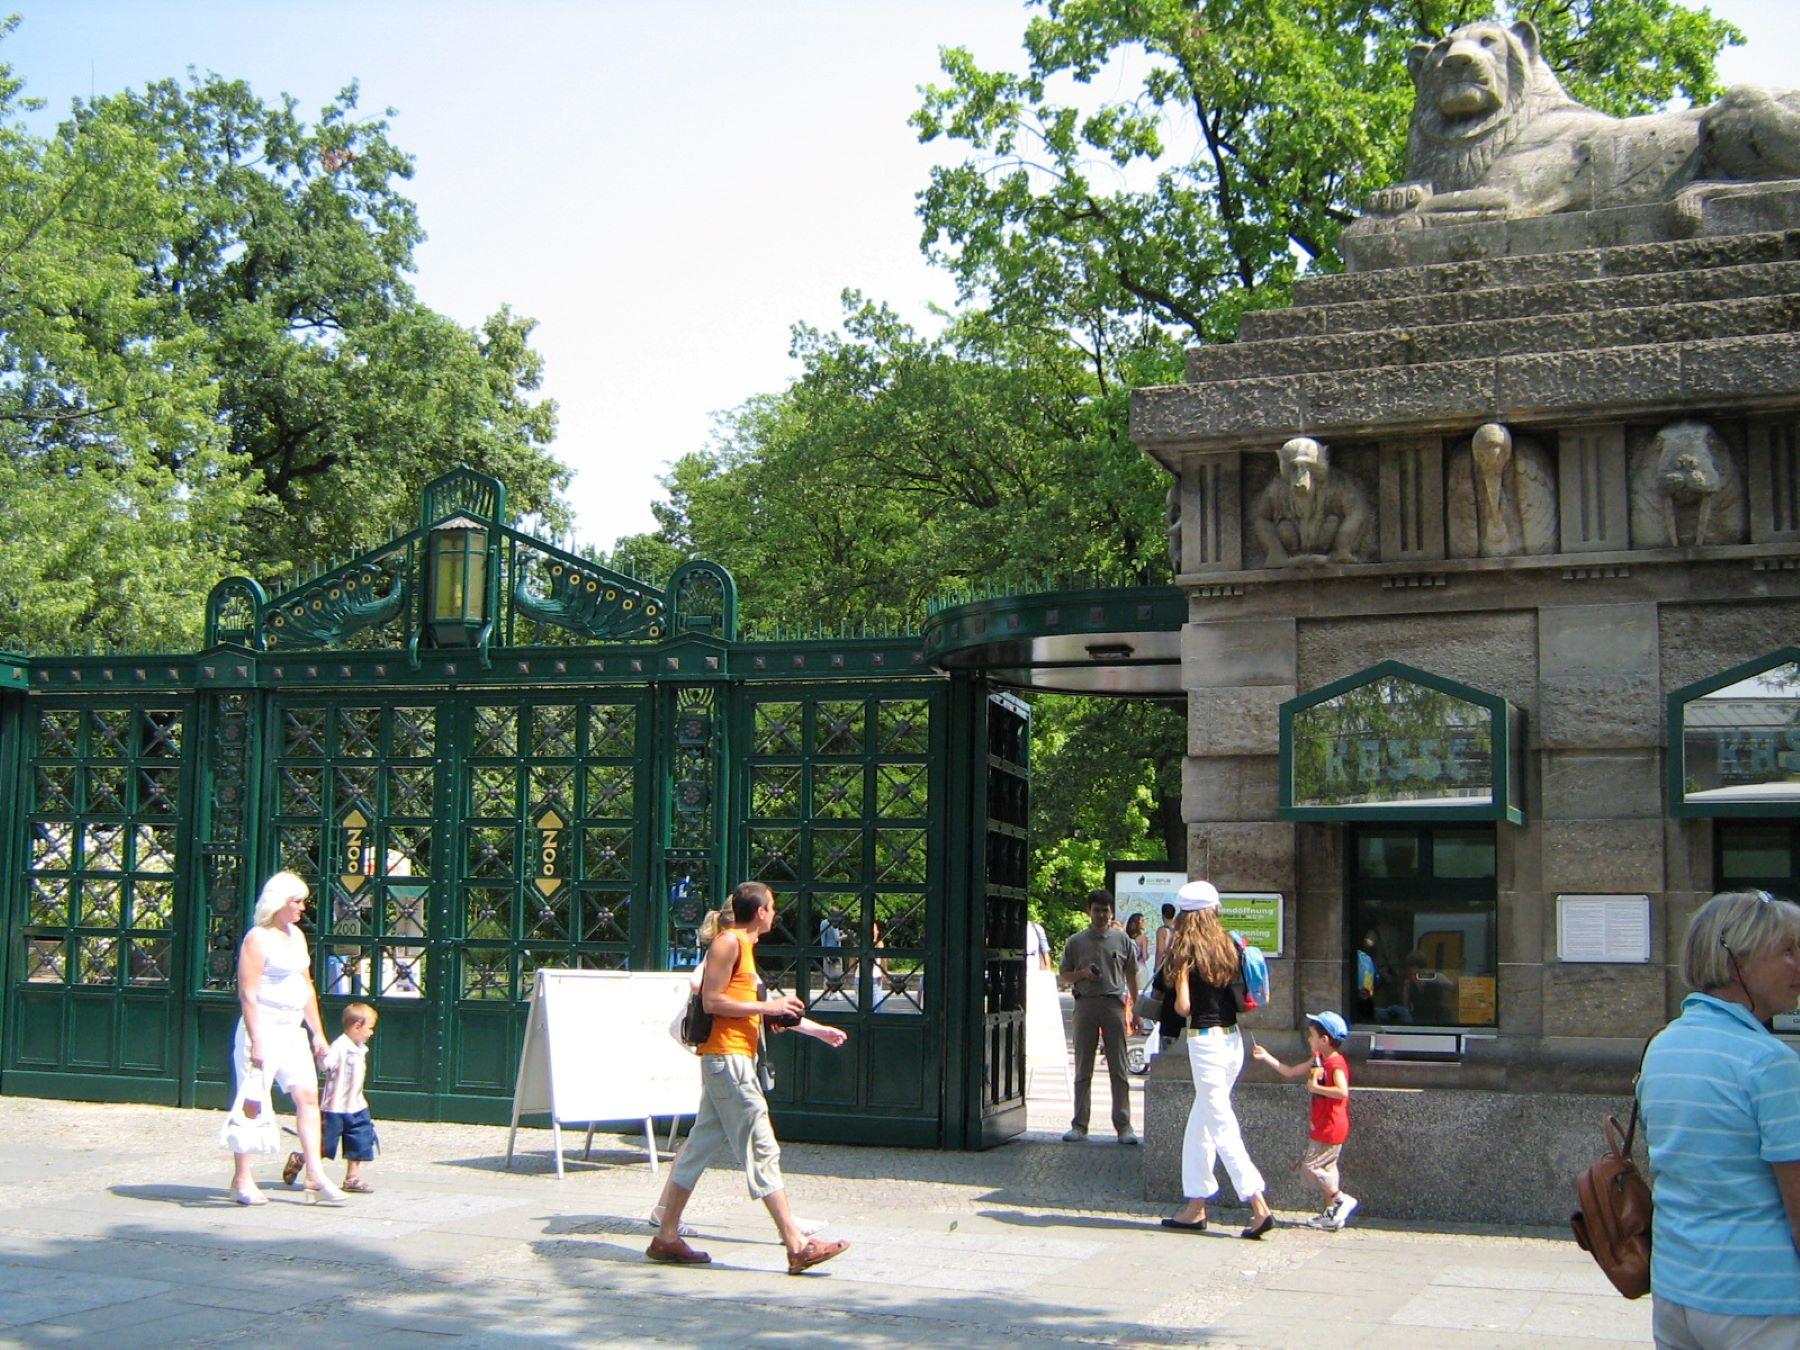 Берлинский зоопарк, Берлин, Германия. Июль, 2006